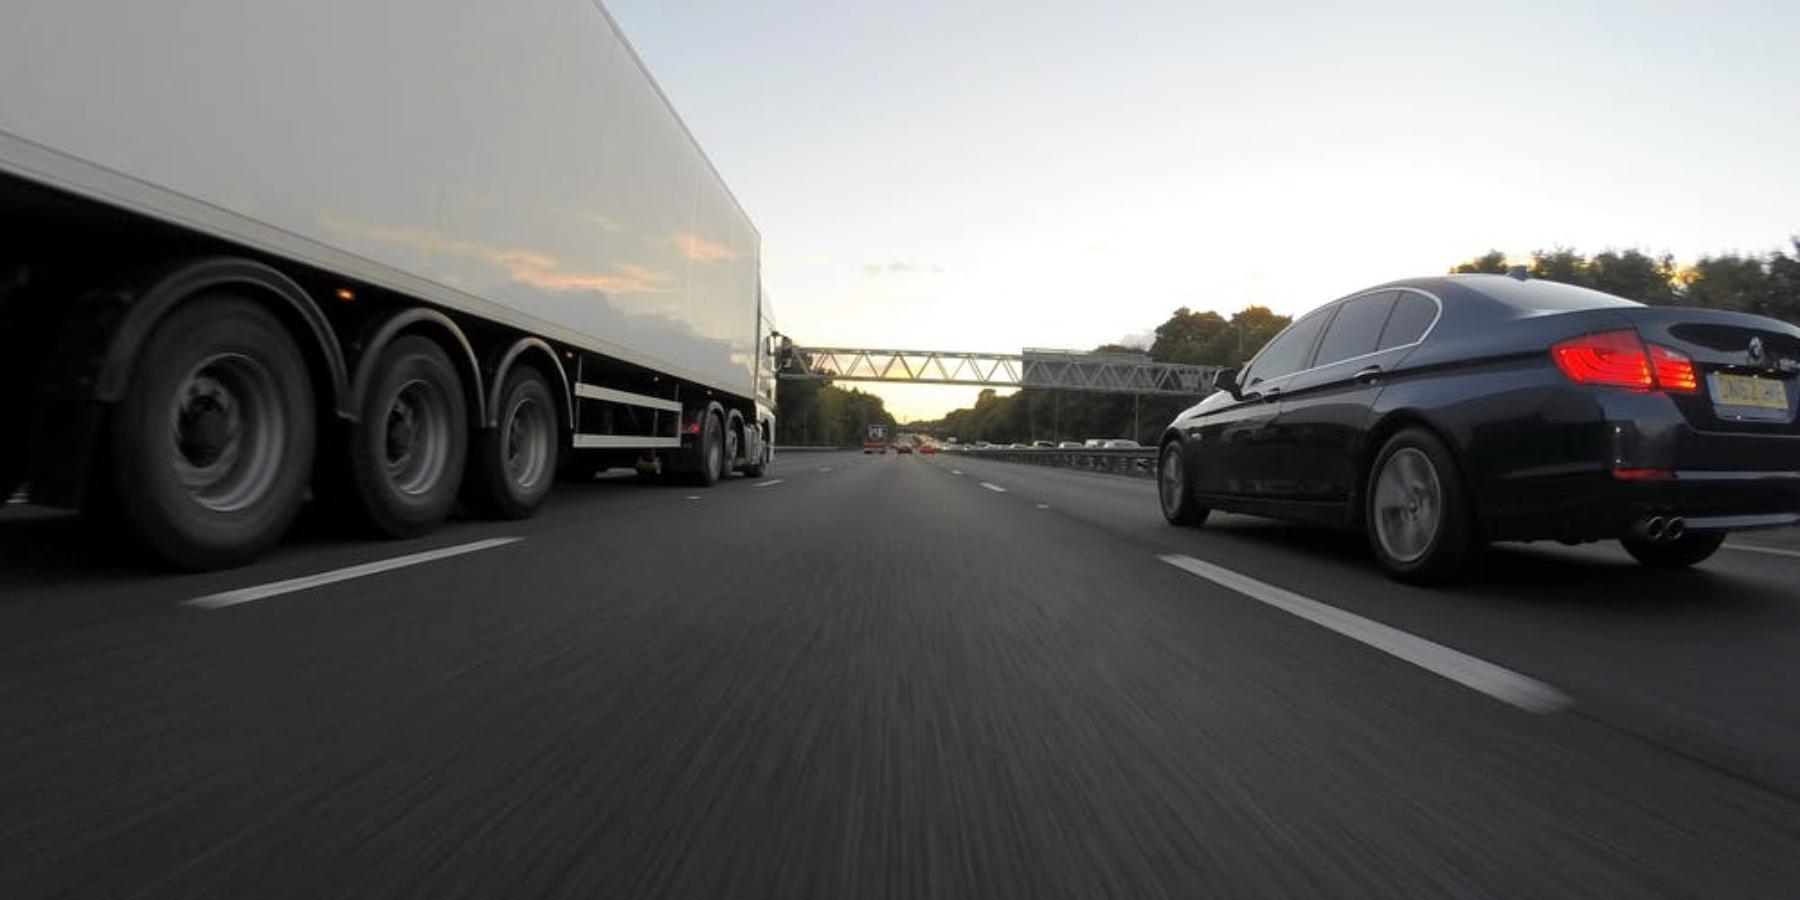 Same day delivery – dlaczego warto zainwestować wten rodzaj dostawy?